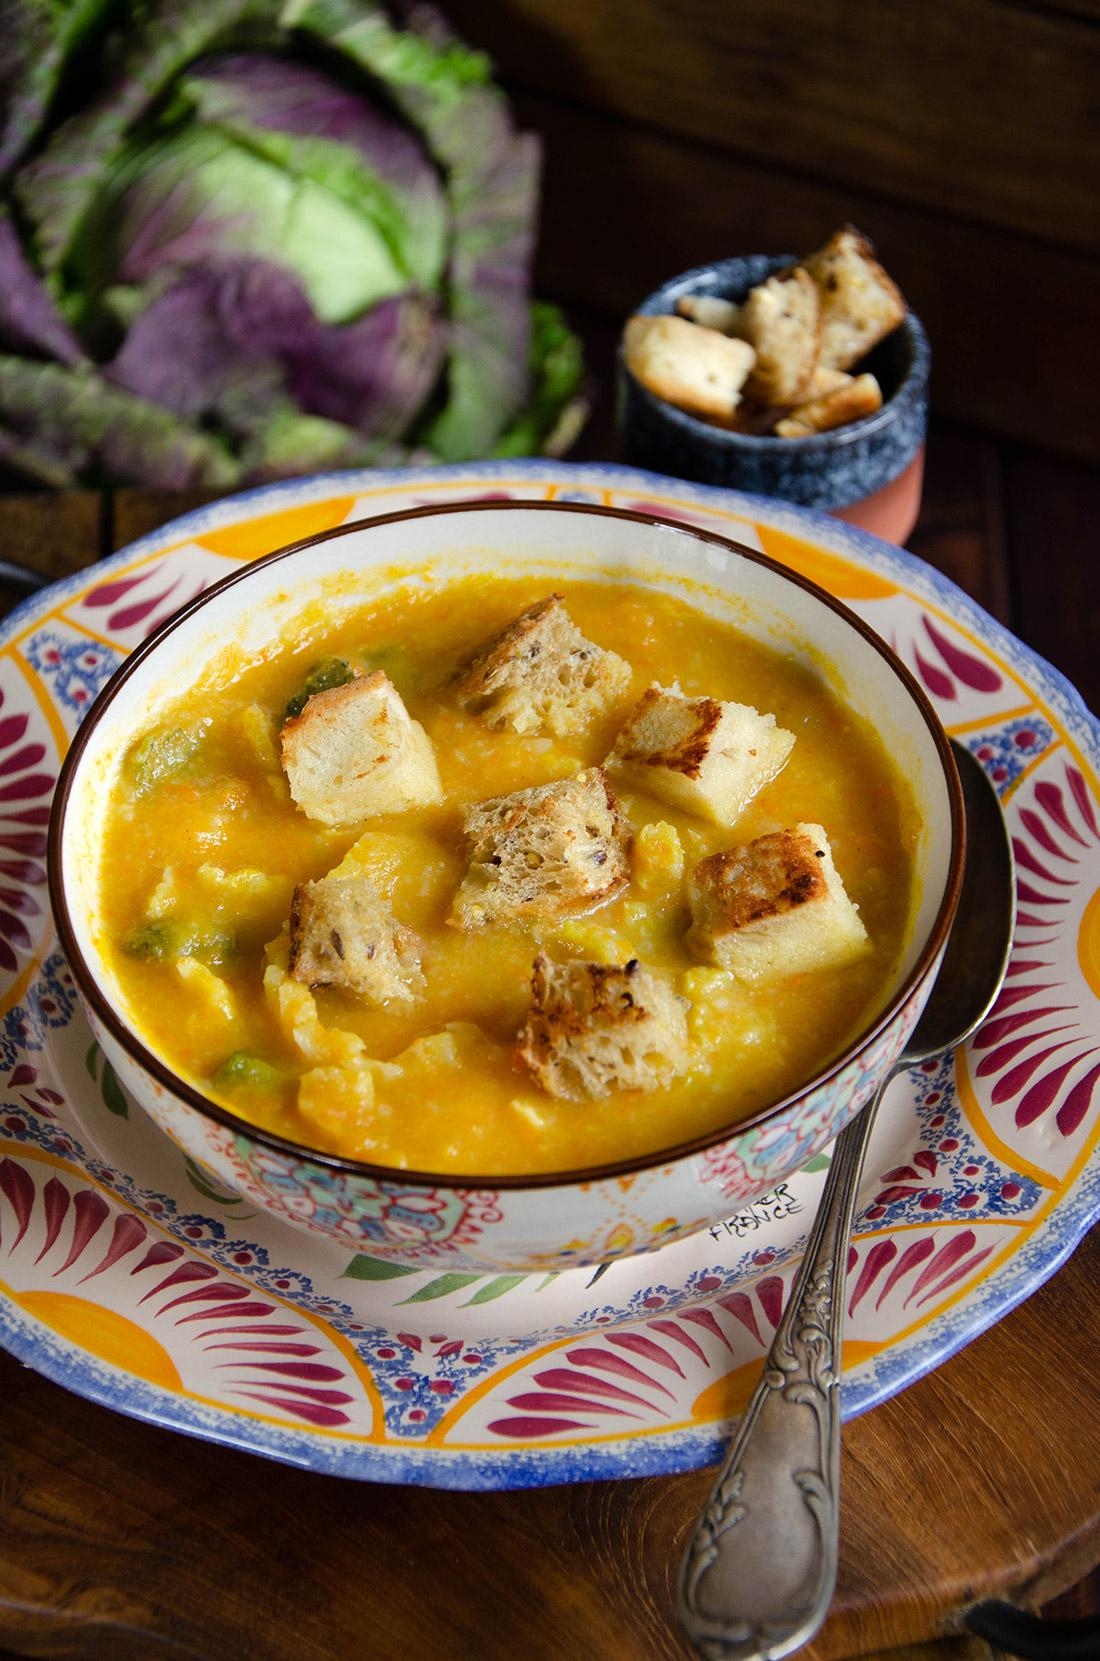 Recette de Caldo Verde, une soupe au chou à servir avec des croûtons